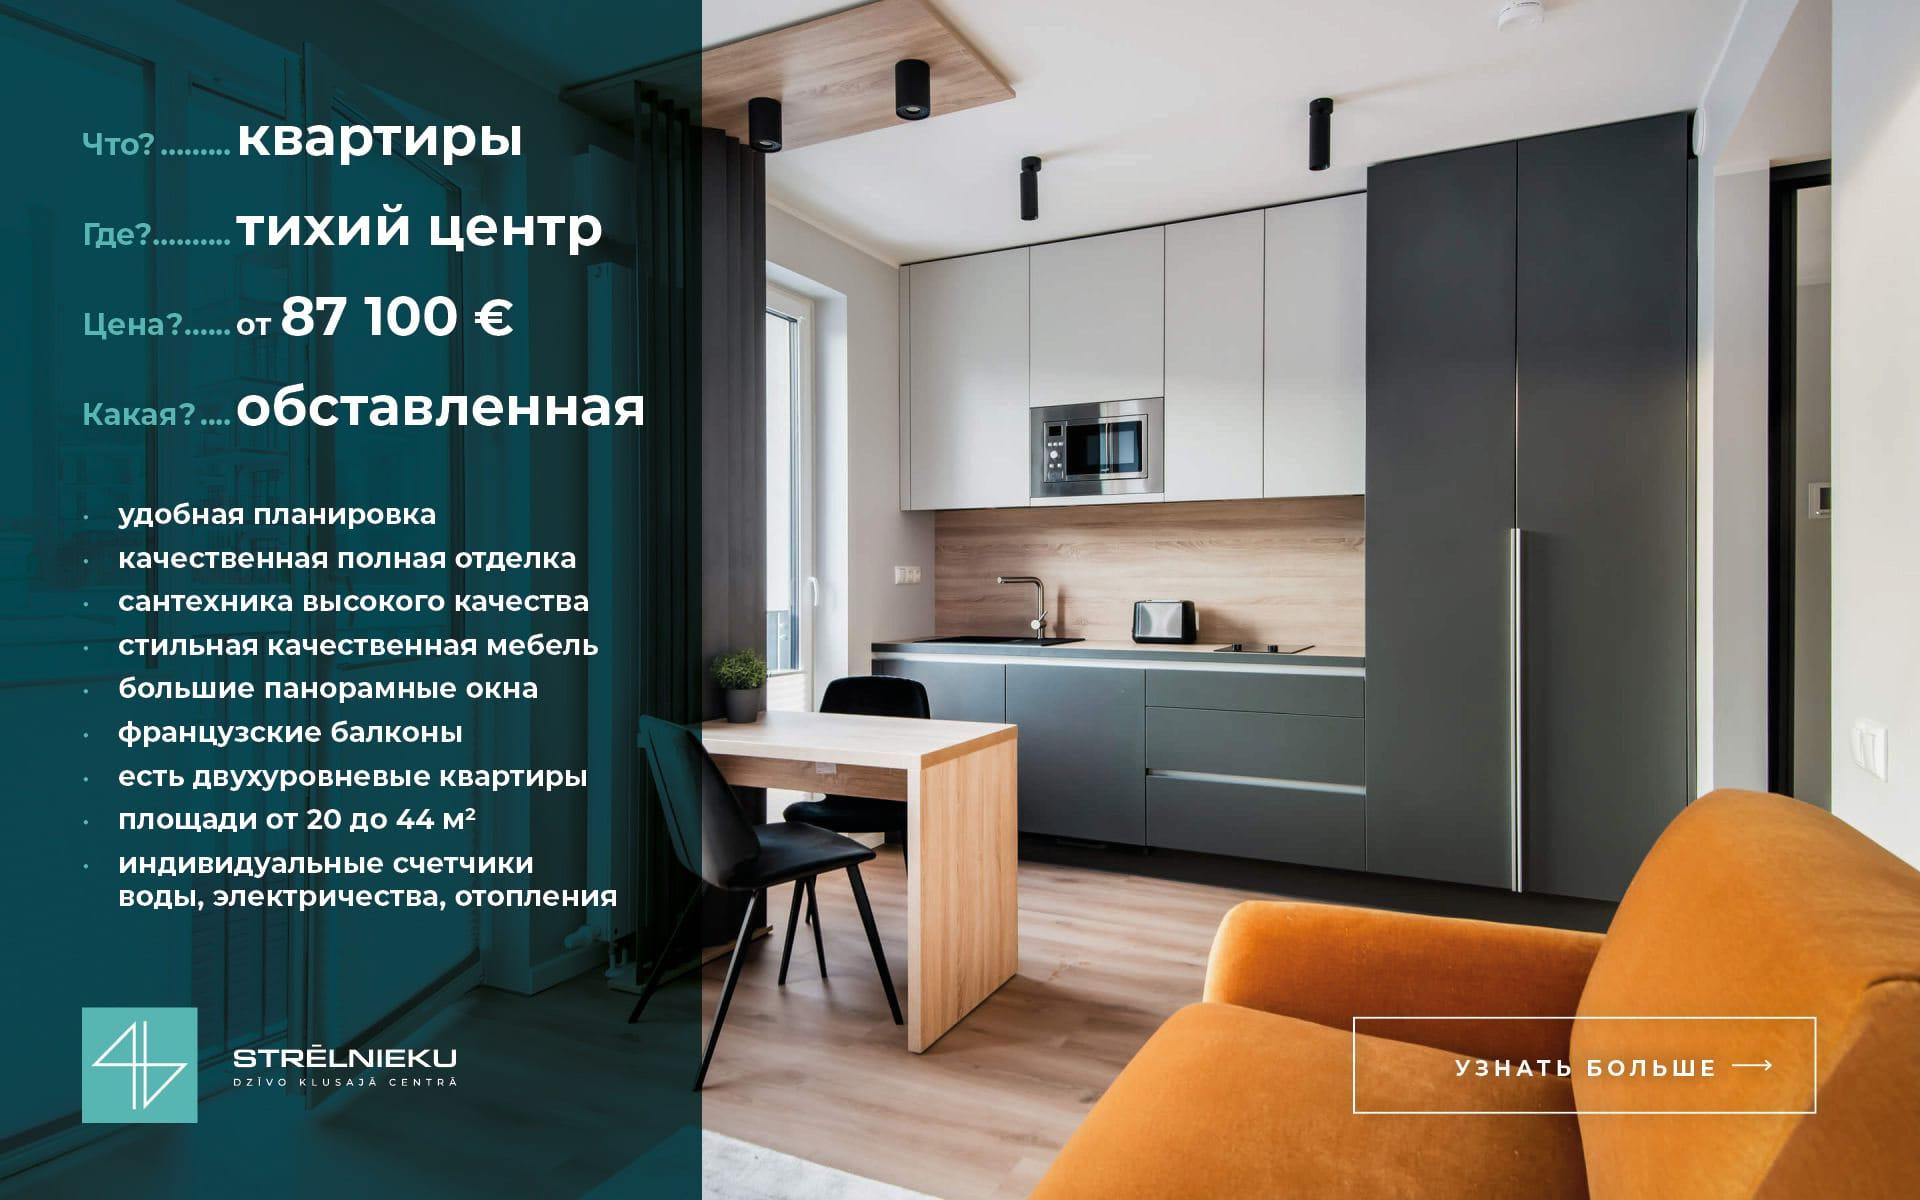 Strelnieku 4b продаются квартиры в Риге